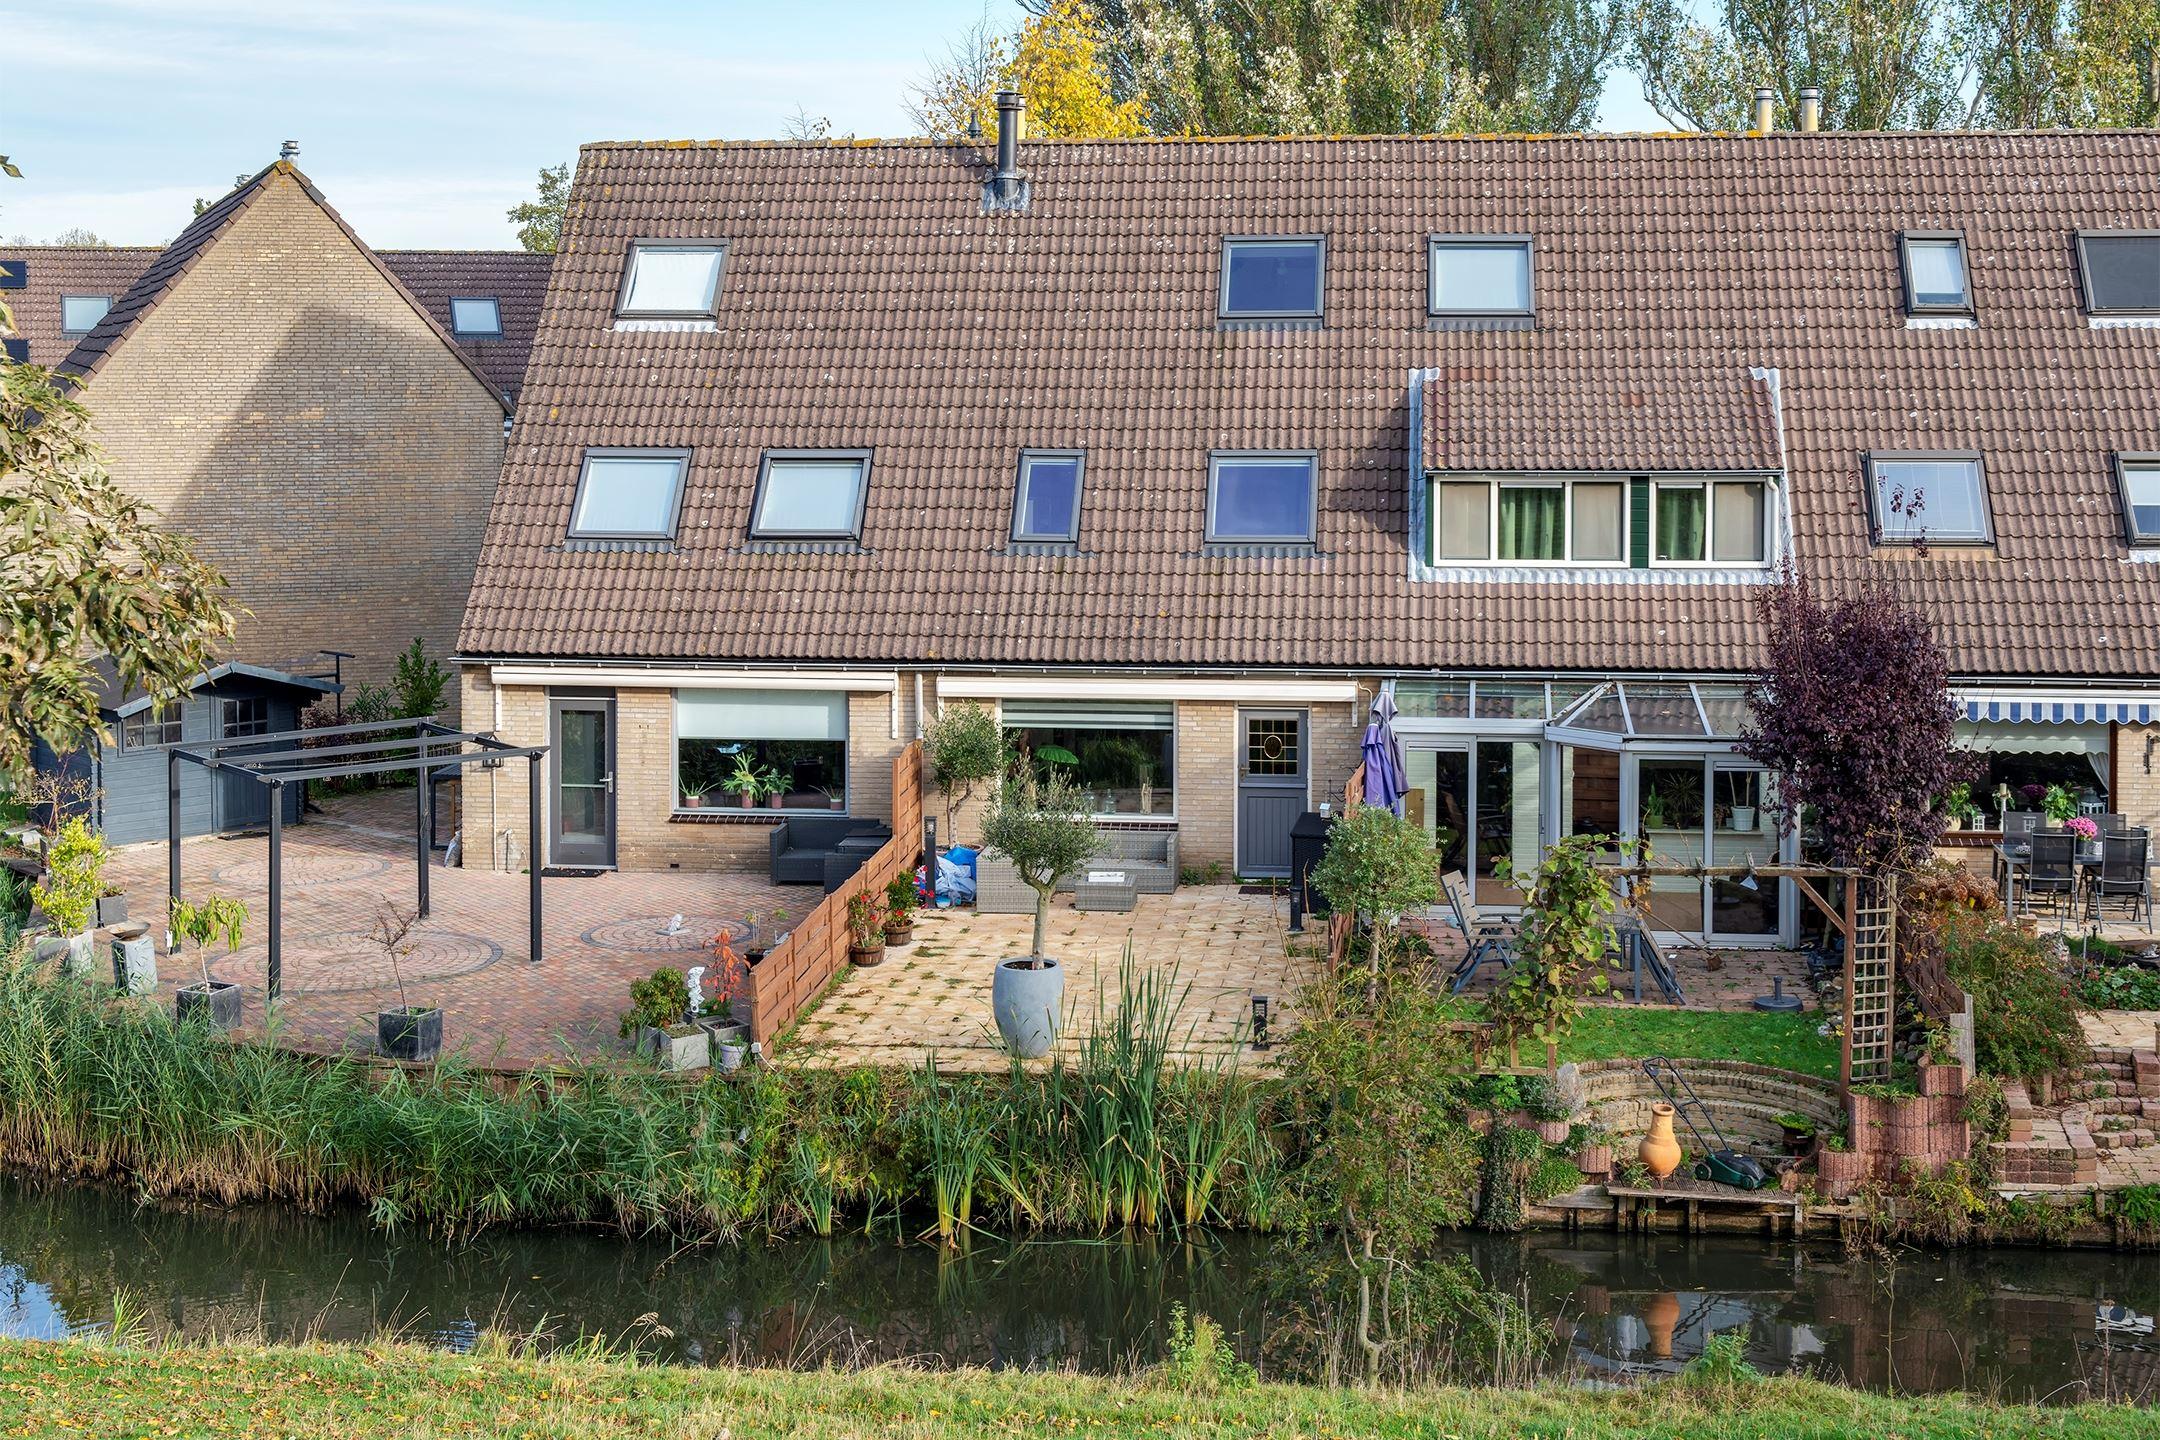 Huis Te Koop Zilverschoon 11 3191 Pj Hoogvliet Rotterdam Funda